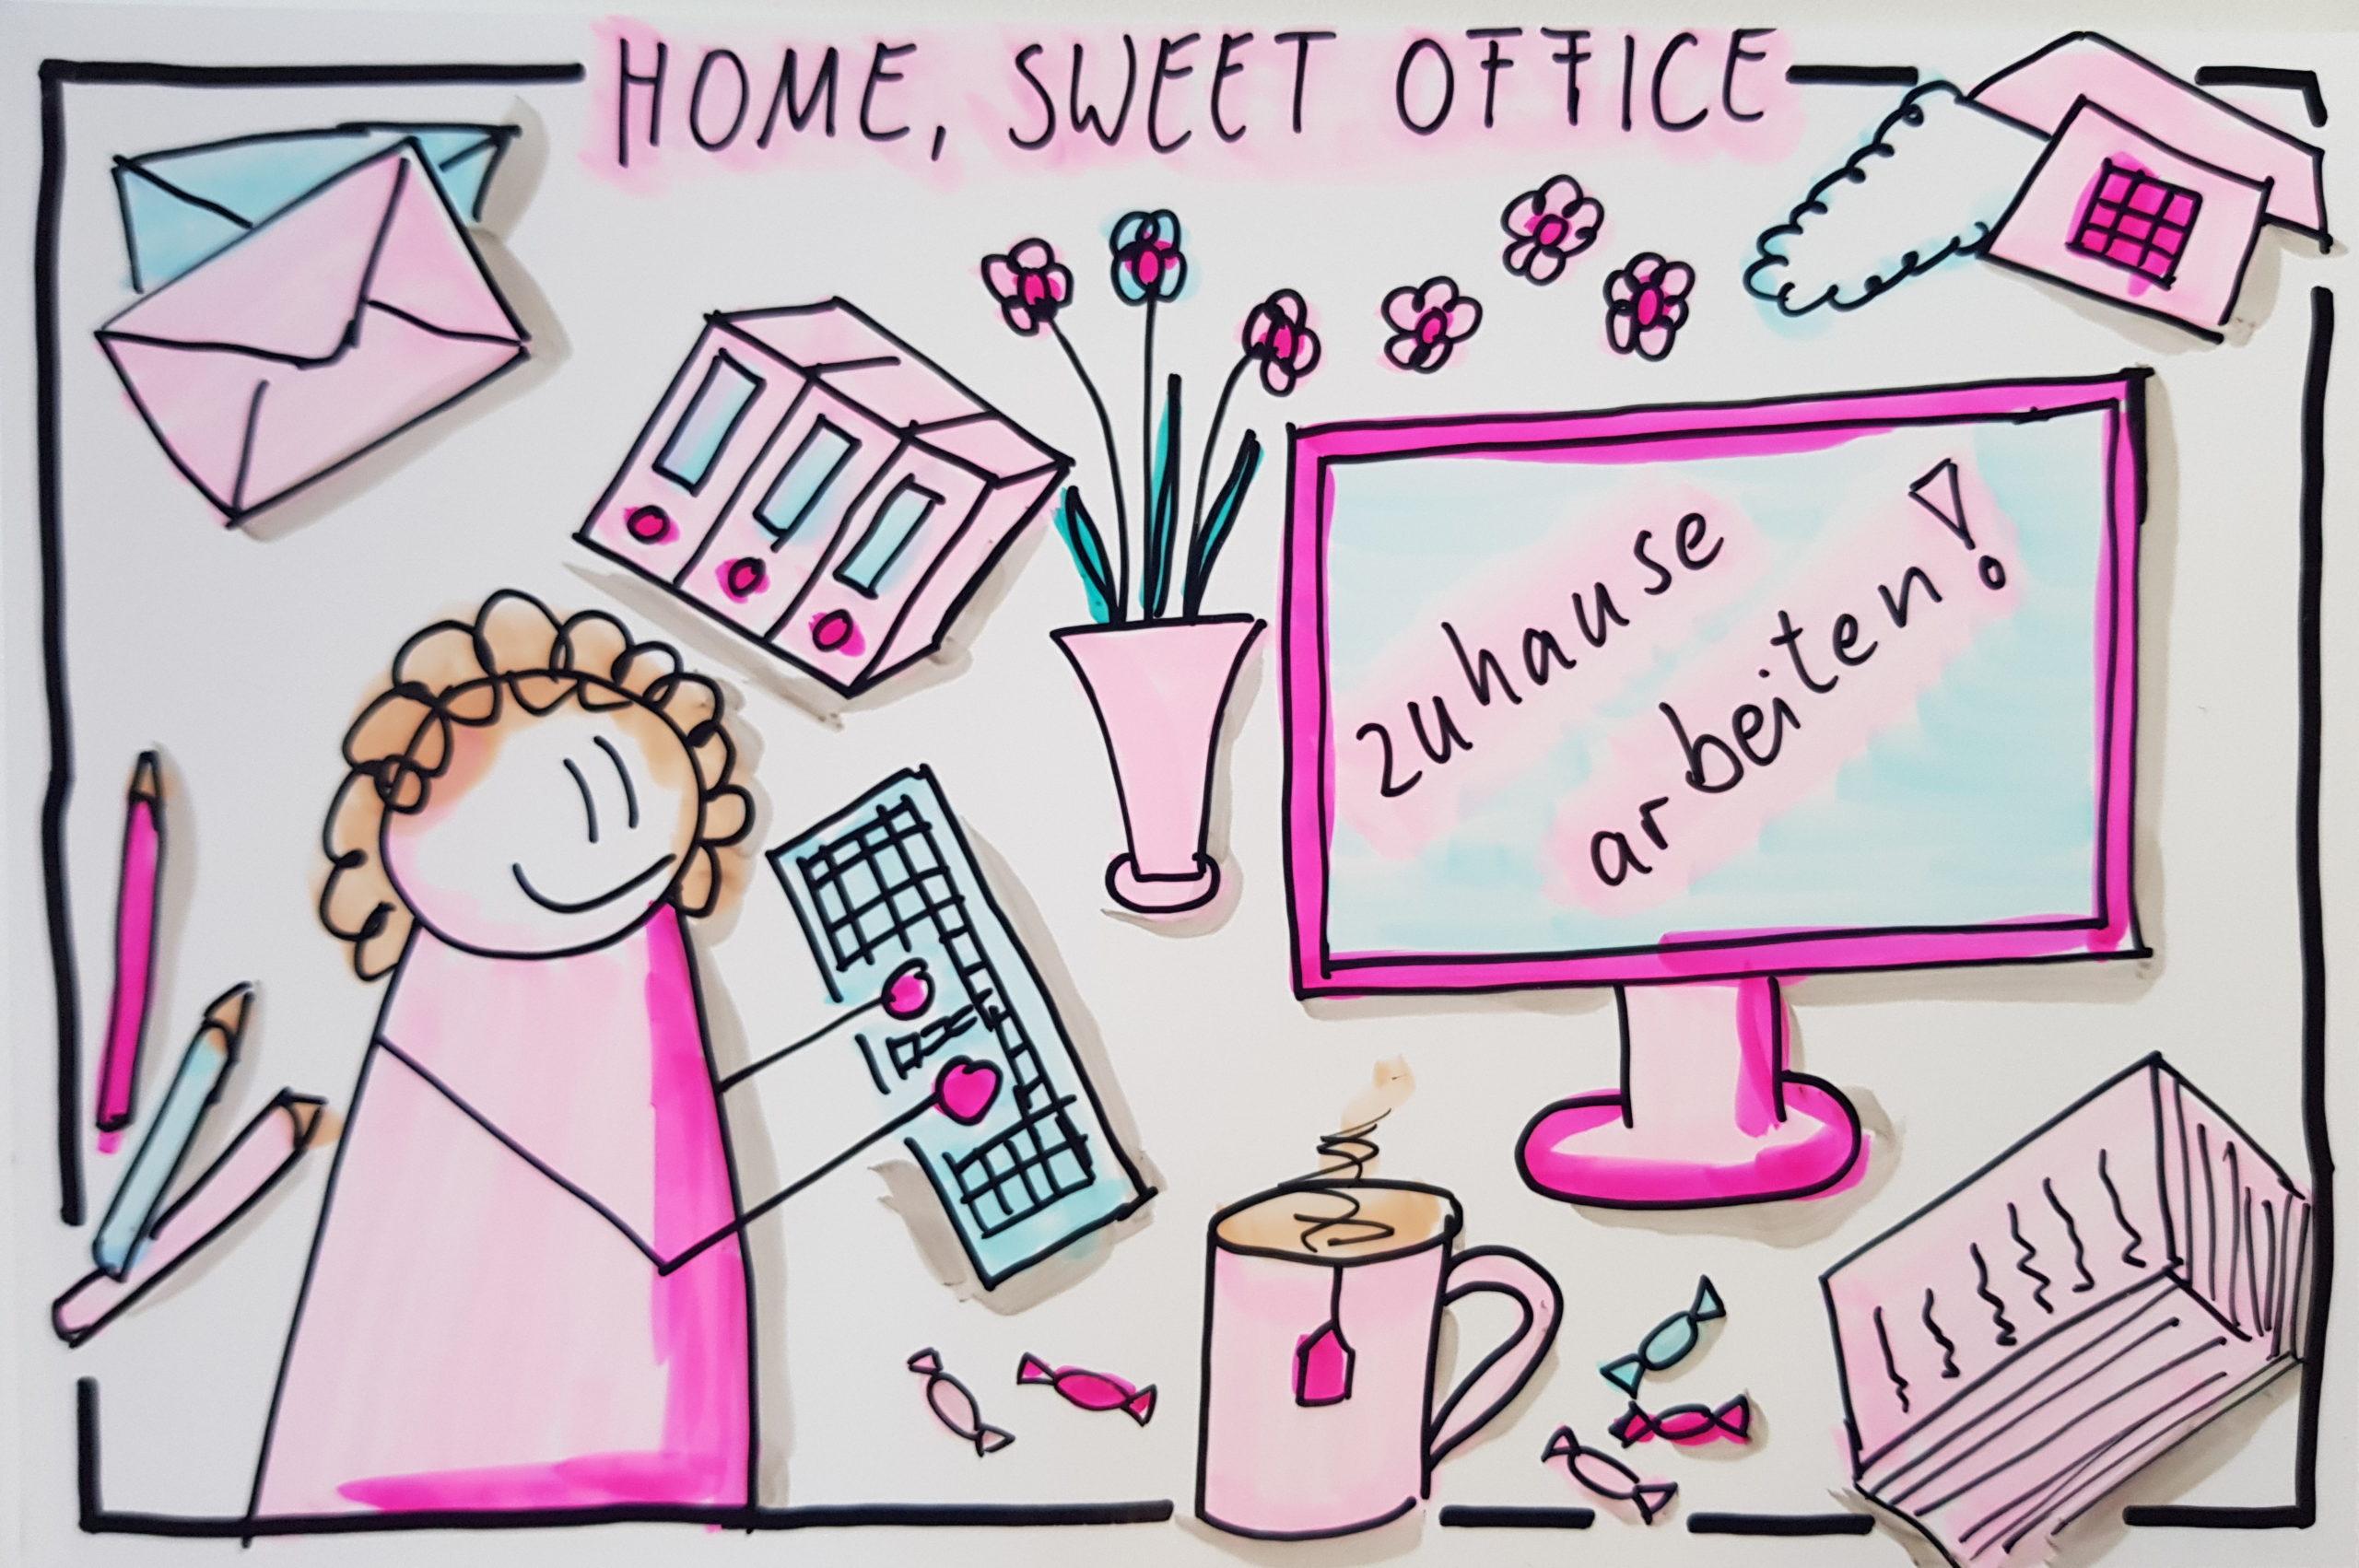 Home-Office: Während der Corona-Krise für viele eine gute Alternative